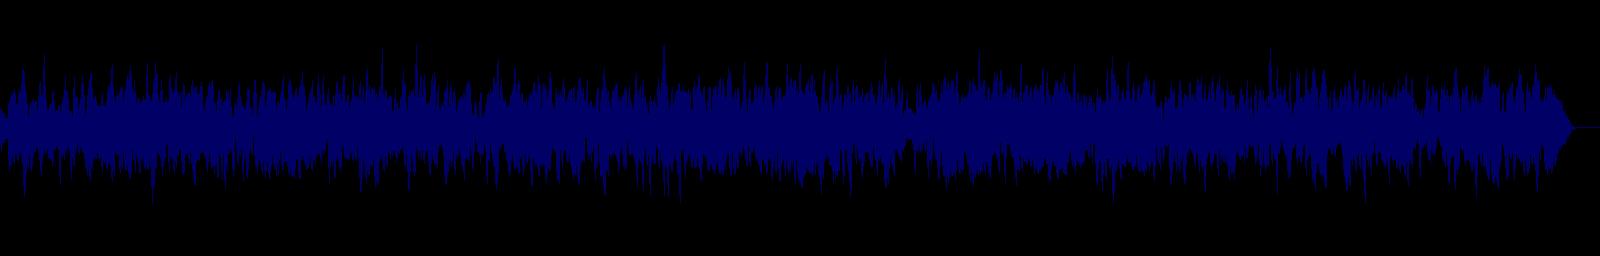 waveform of track #136345